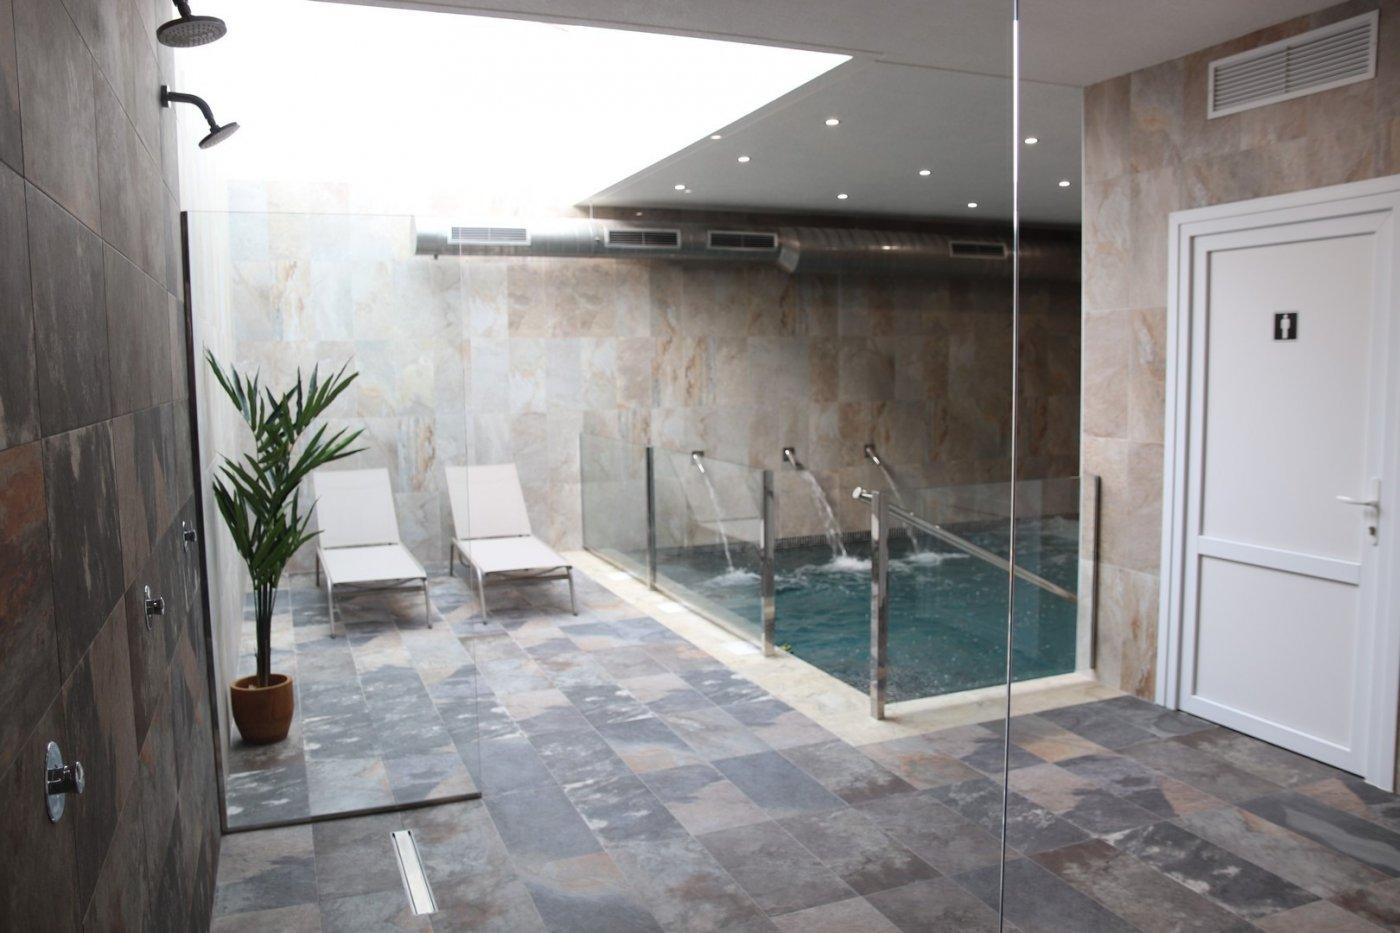 Nuevo complejo residencial en el raso (guardamar)!!! - imagenInmueble4